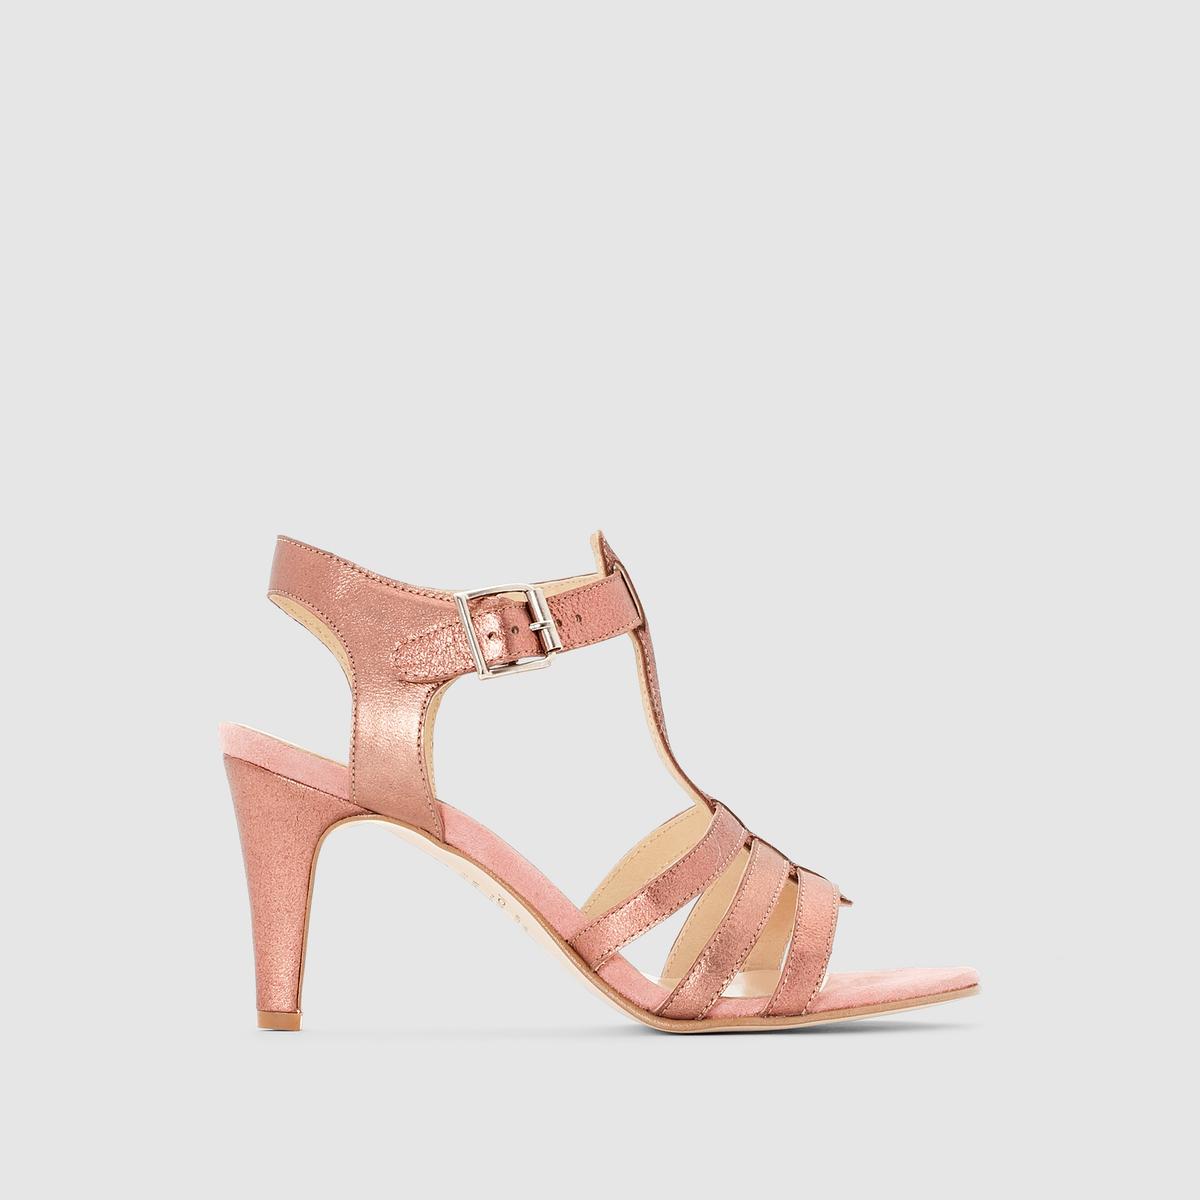 Туфли кожаные с ремешком вокруг щиколоткиПреимущества  : элегантные туфли JONAK великолепно сидят на ноге благодаря ремешку вокруг щиколотки<br><br>Цвет: розовый<br>Размер: 38